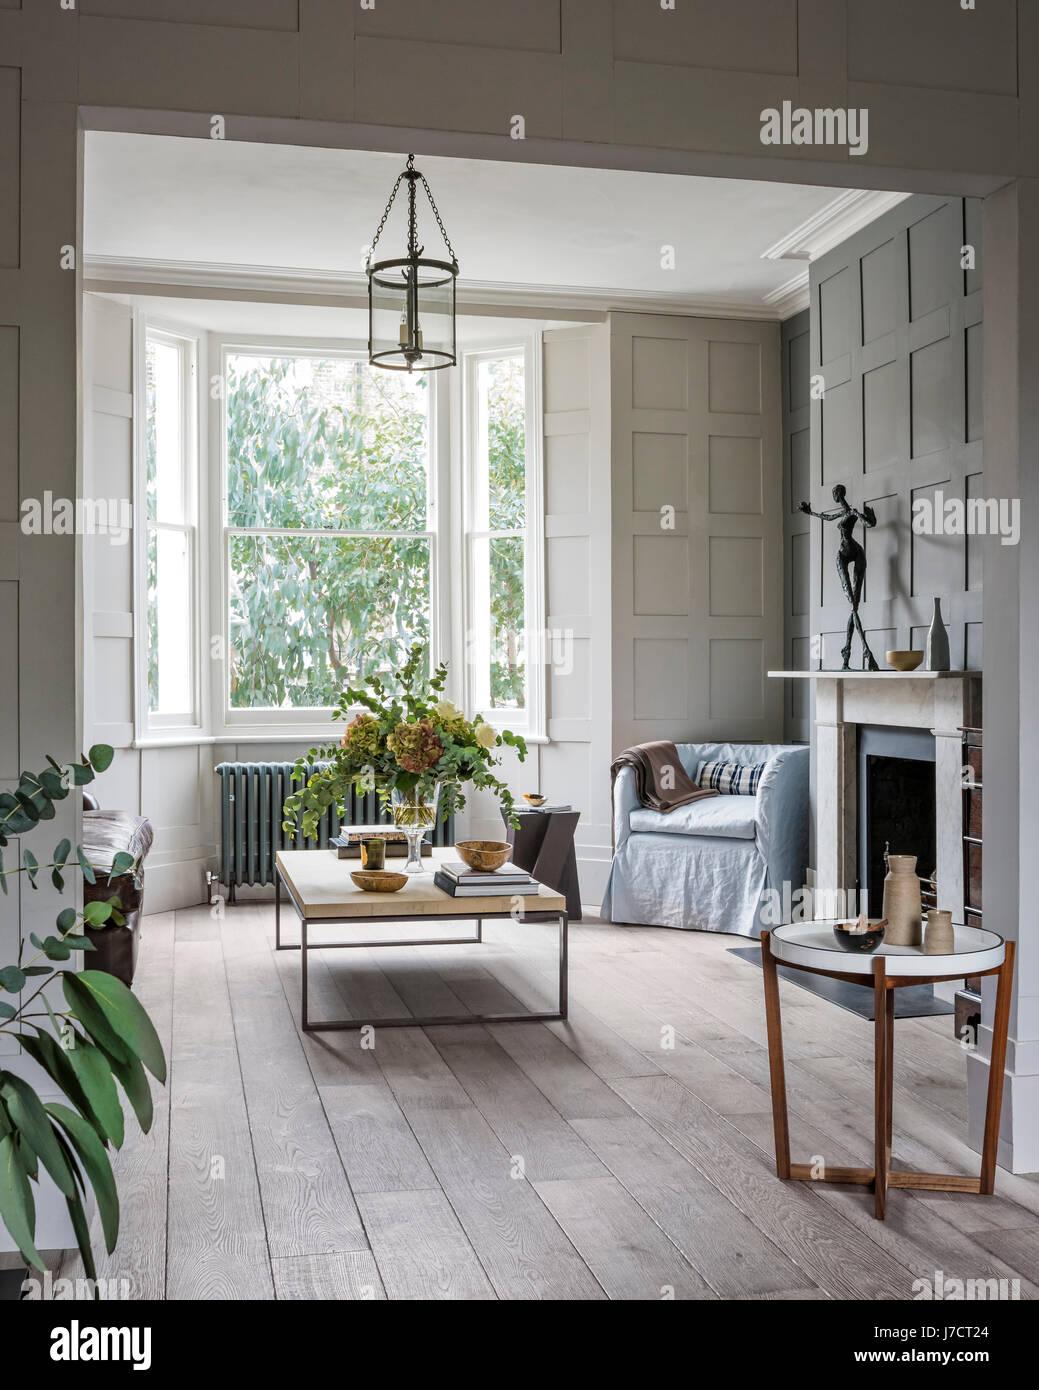 holz und metall couchtisch aus albrissi in wohnzimmer mit wandverkleidungen und schrubben. Black Bedroom Furniture Sets. Home Design Ideas